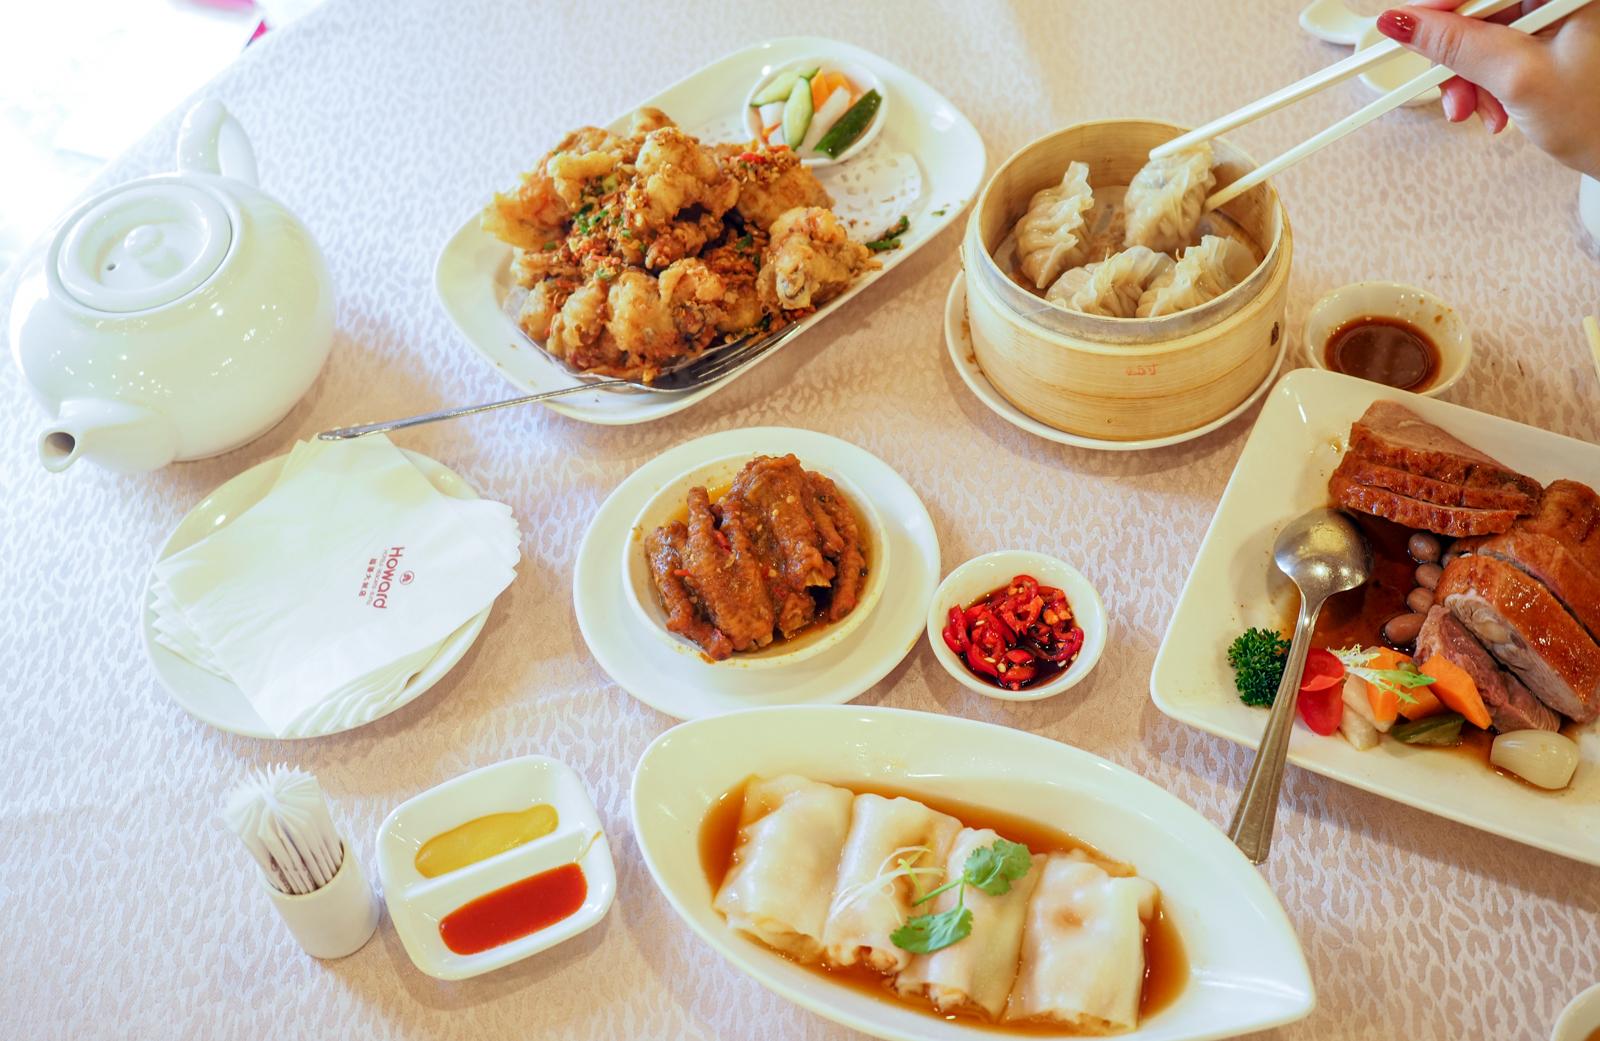 【港點吃到飽】福華大飯店珍珠坊 八百元就讓你62道港點粵菜全部吃到飽!